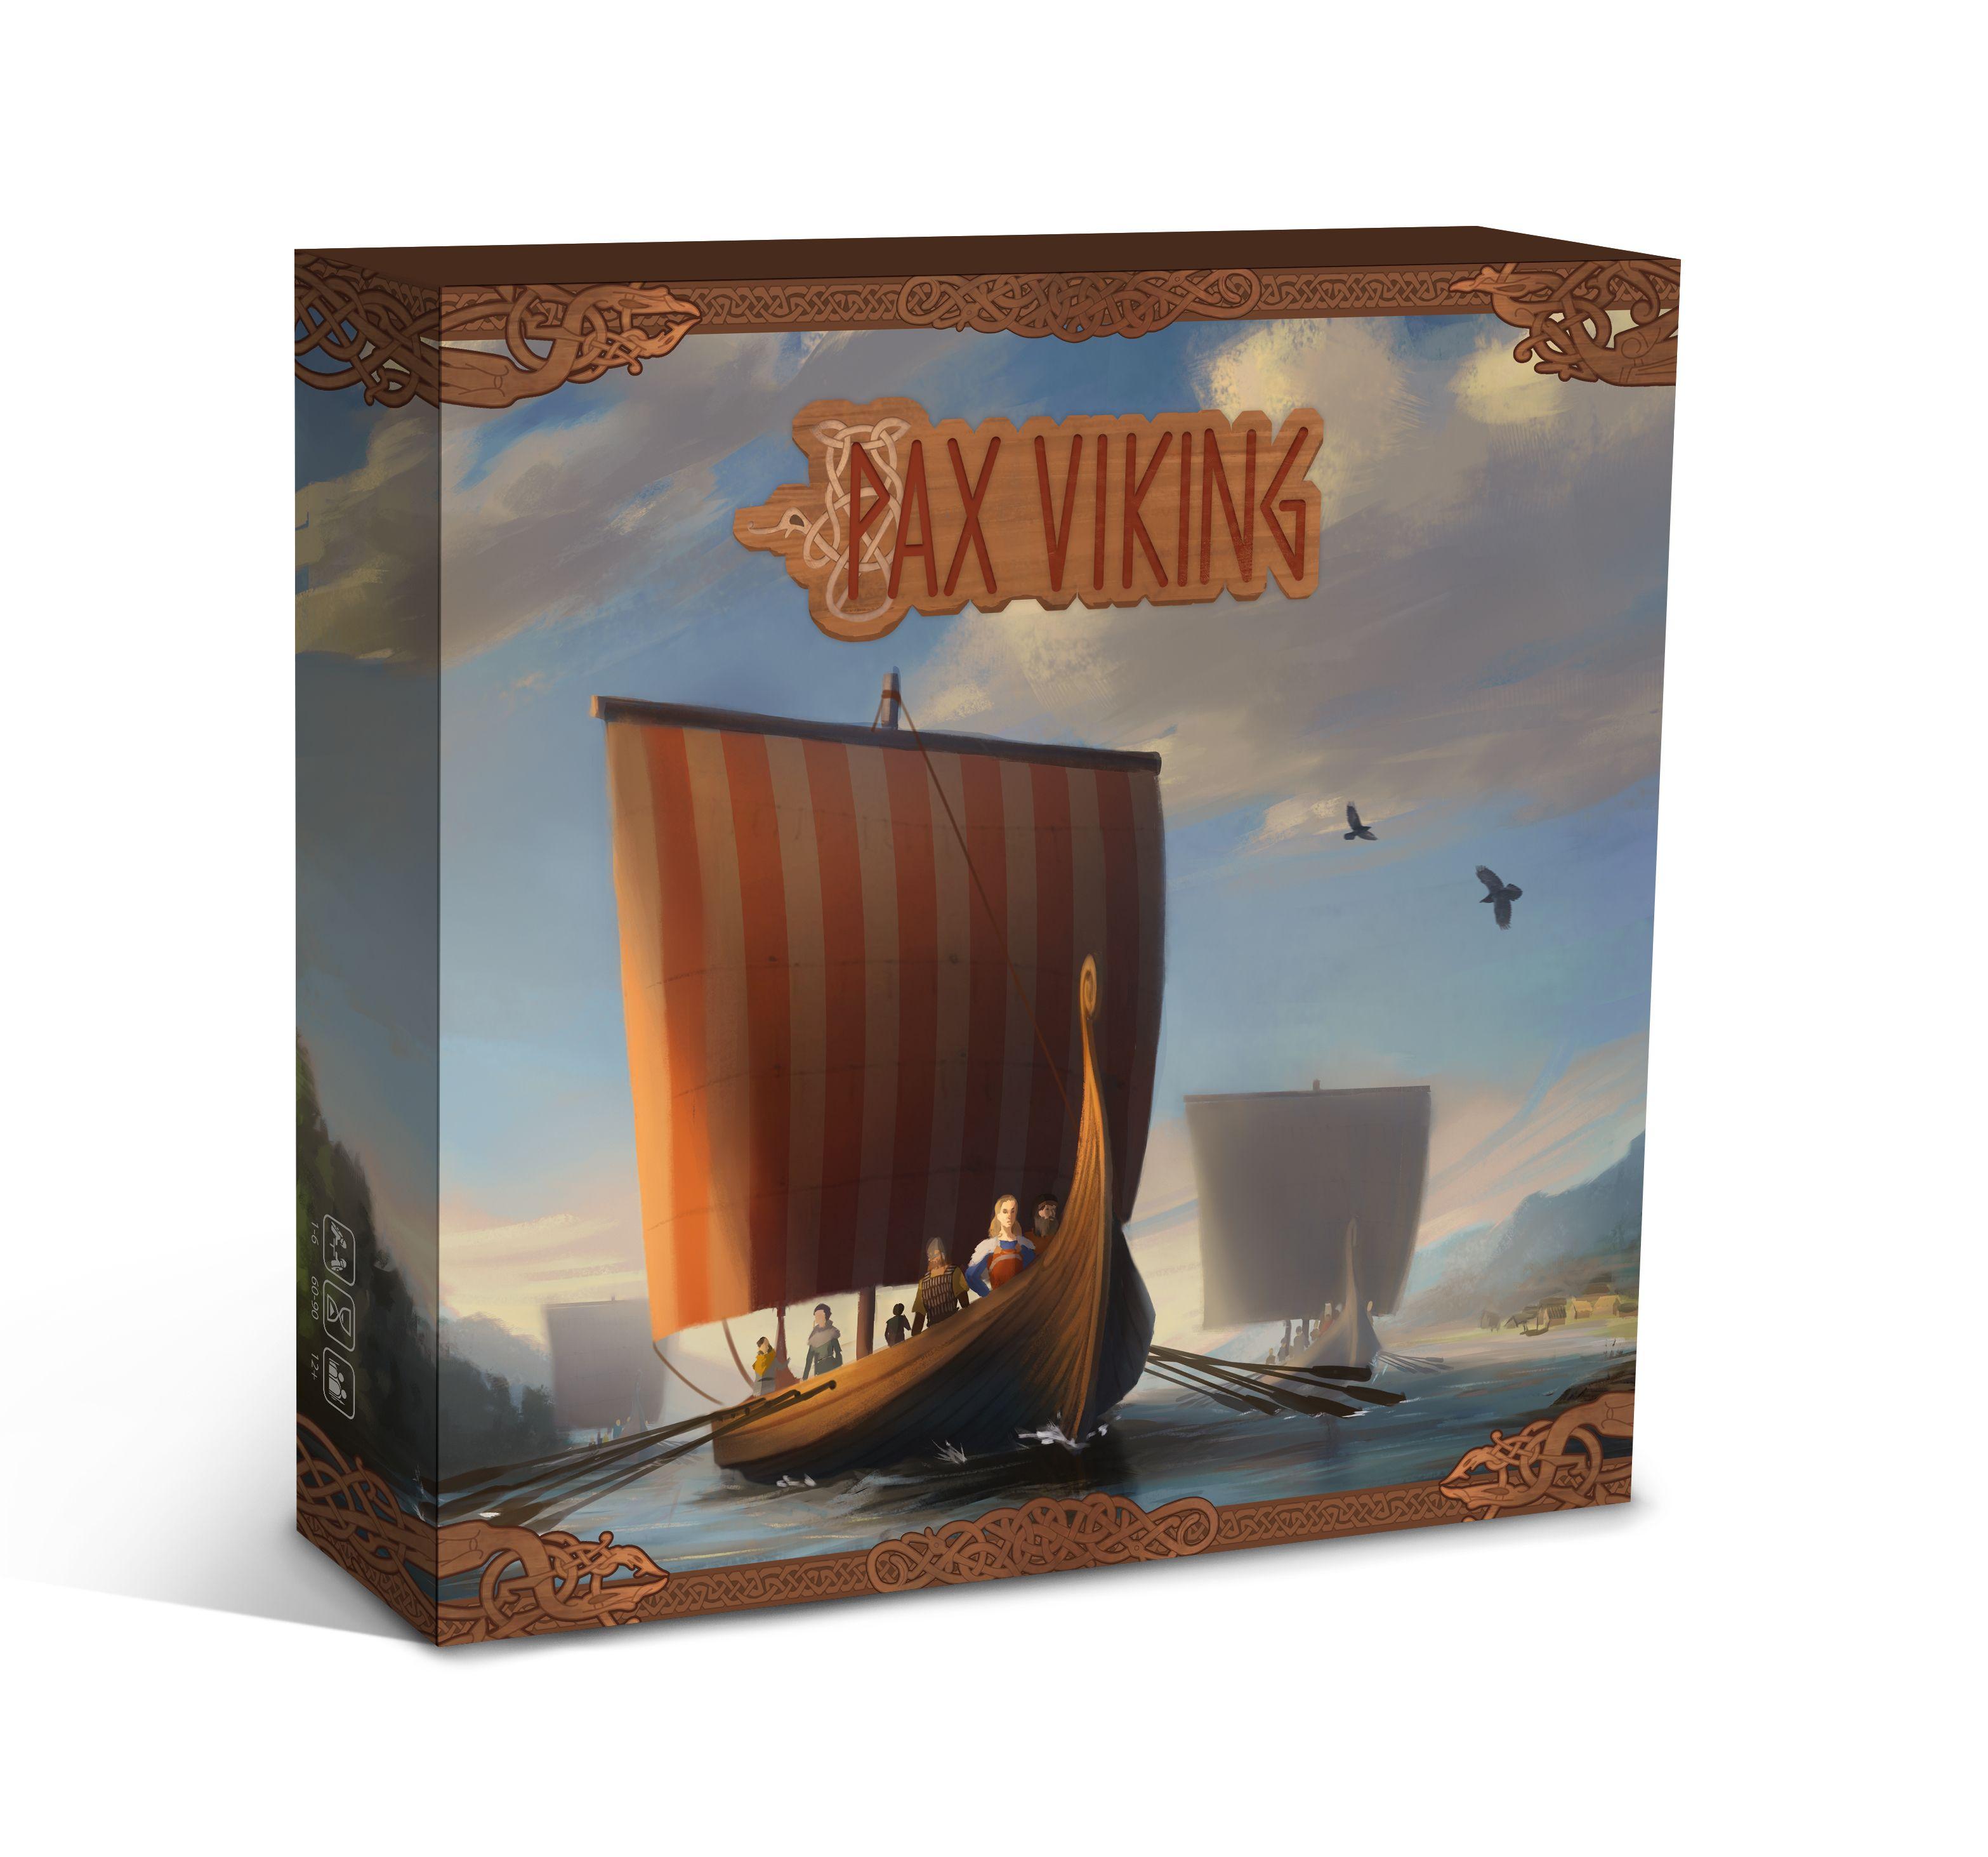 Pax Viking caja